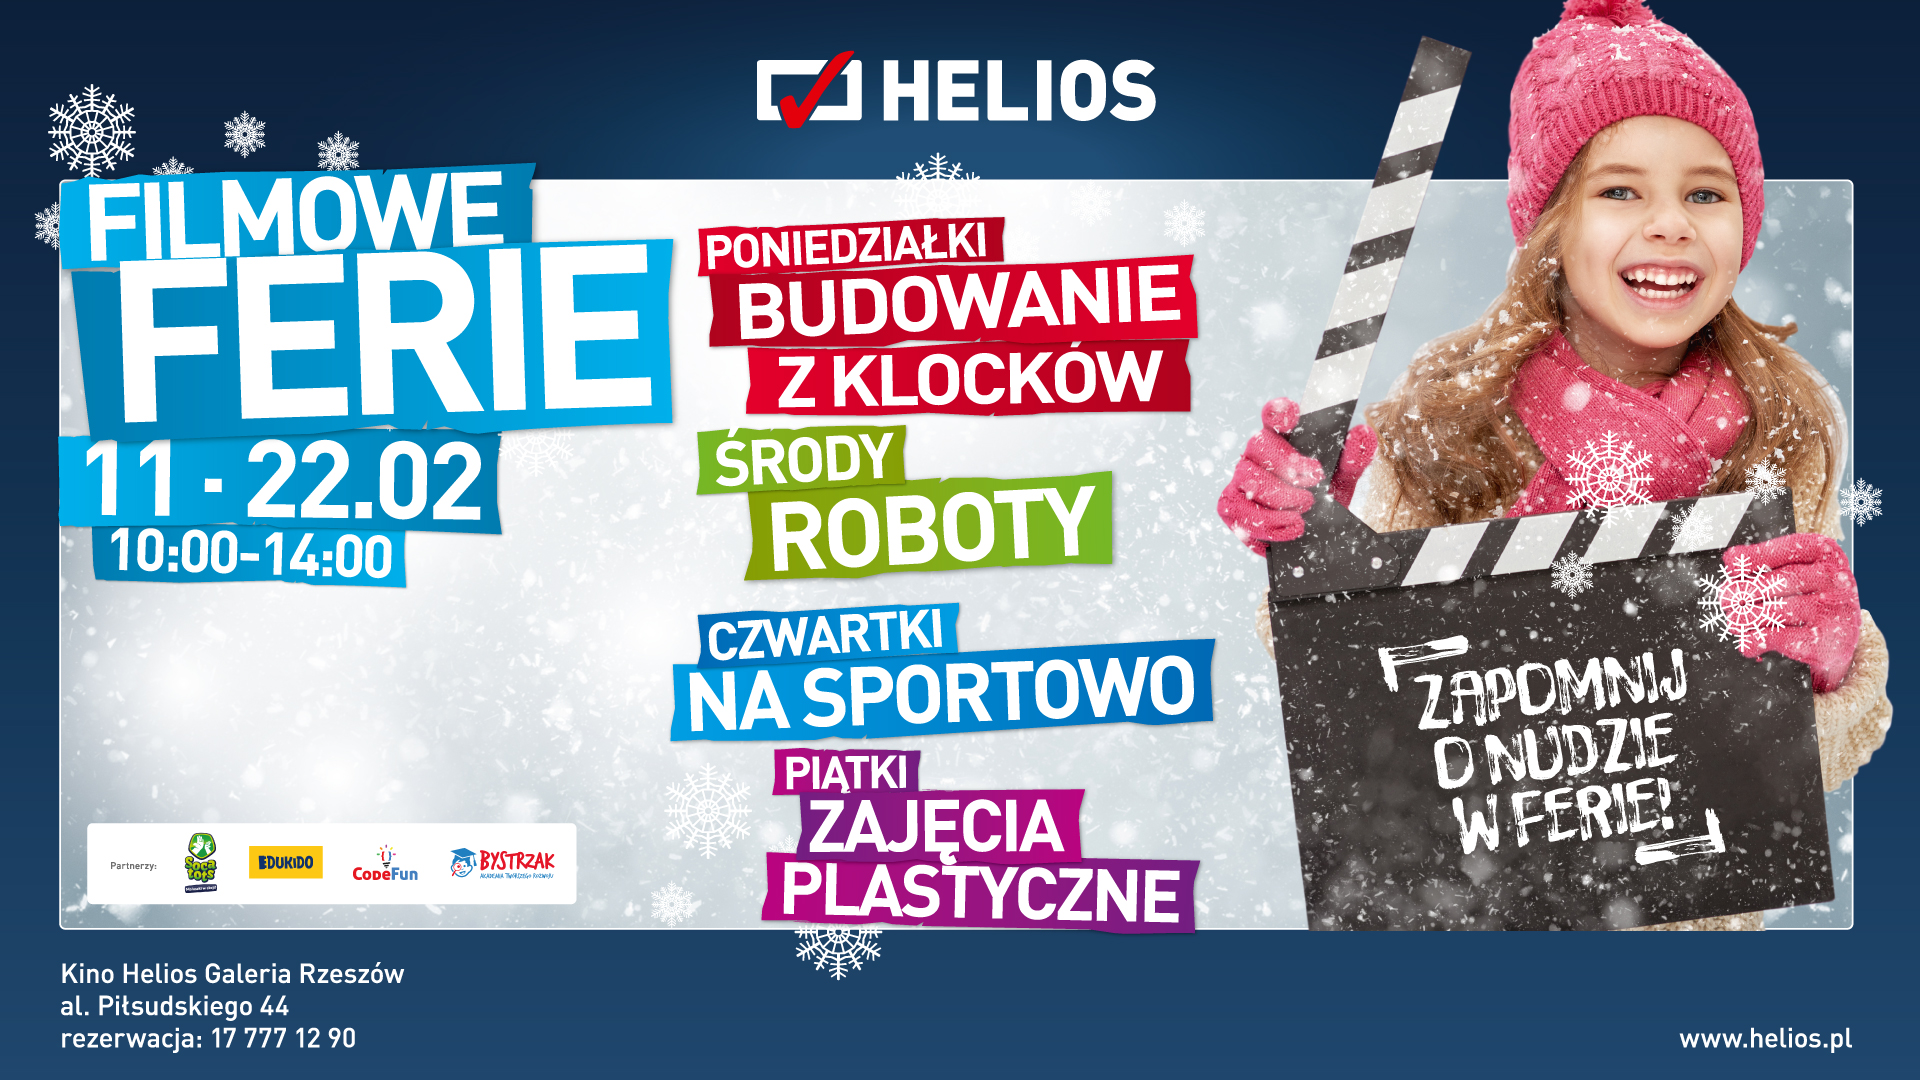 helios_ferie_2019_1920x1080px_v01_rzeszow